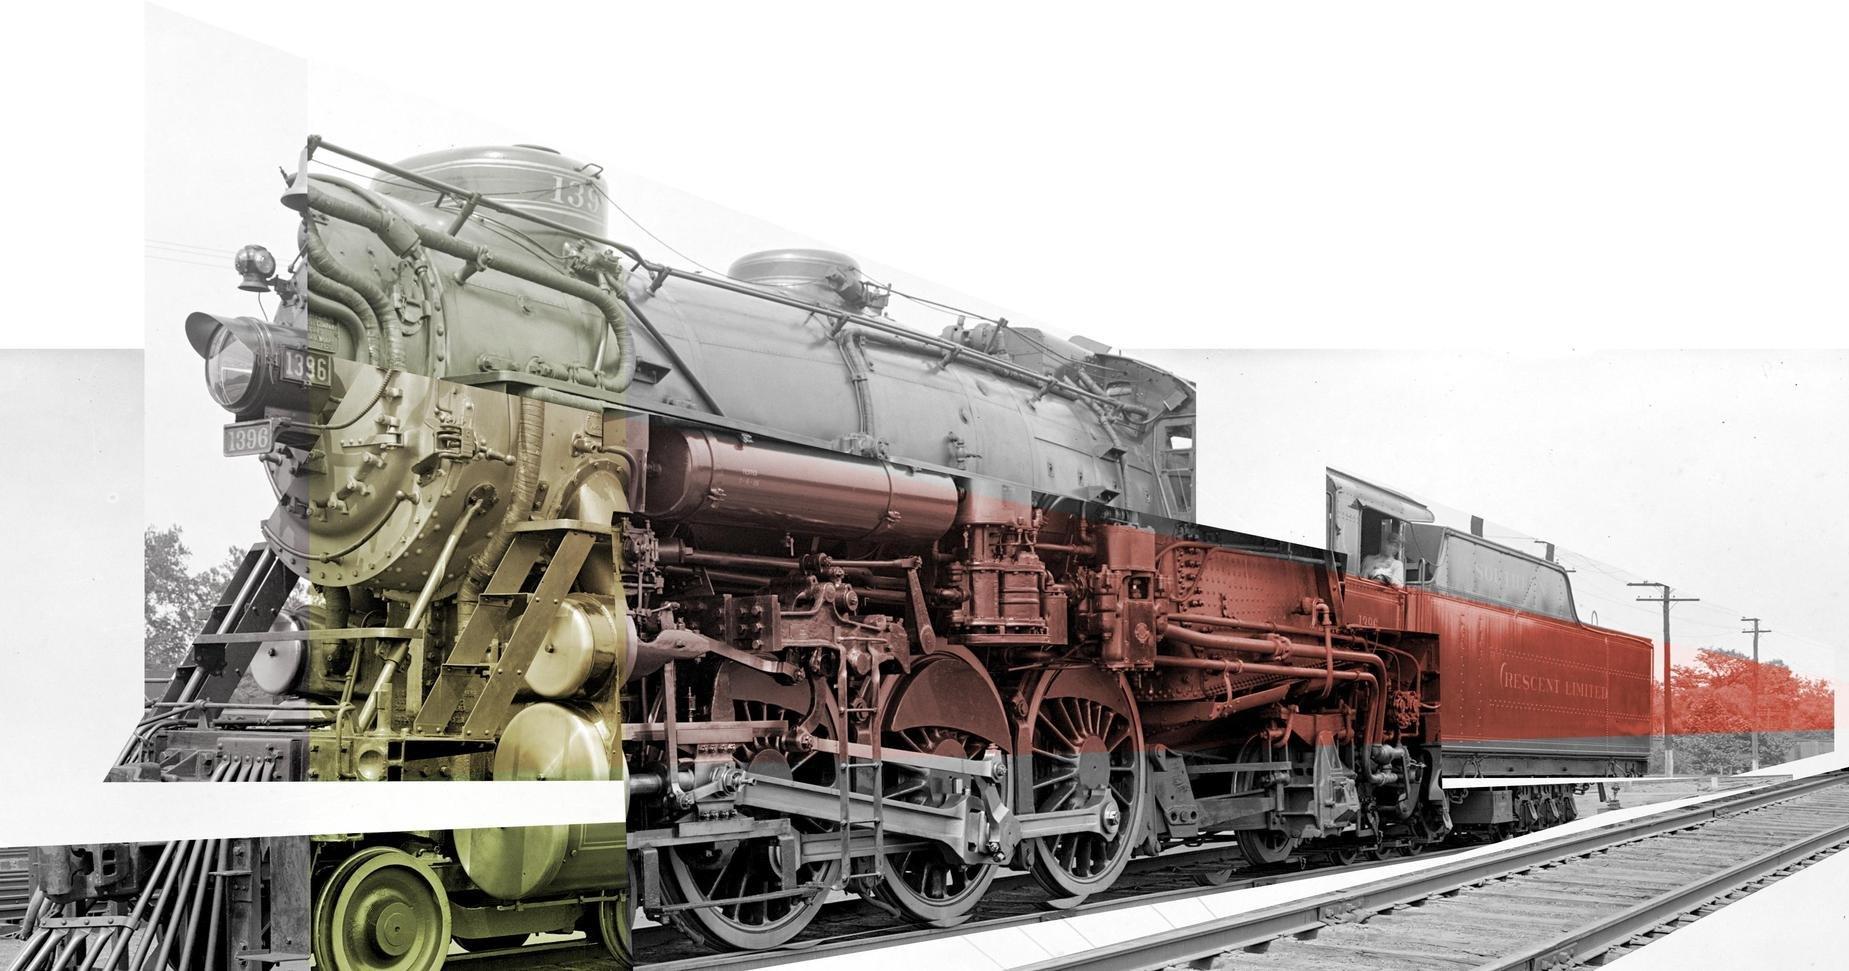 Бесполезный паровоз Холмана: гениальная афера XIX века